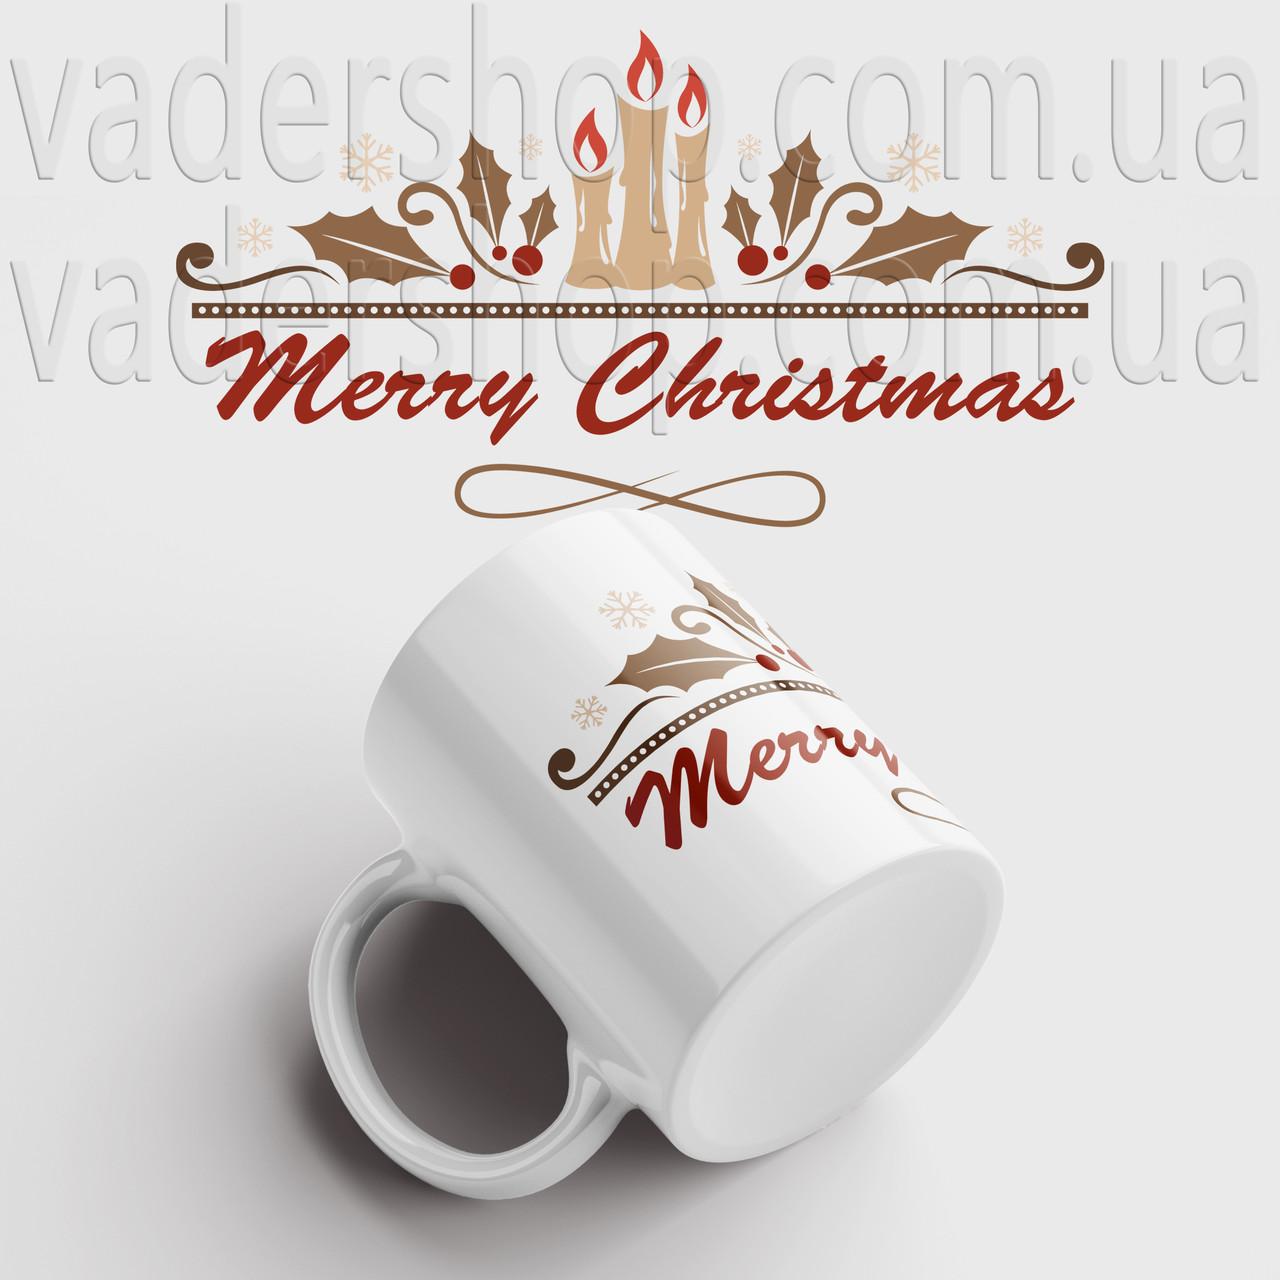 Чашка Merry Christmas. Новорічна чашка №5. Новий Рік